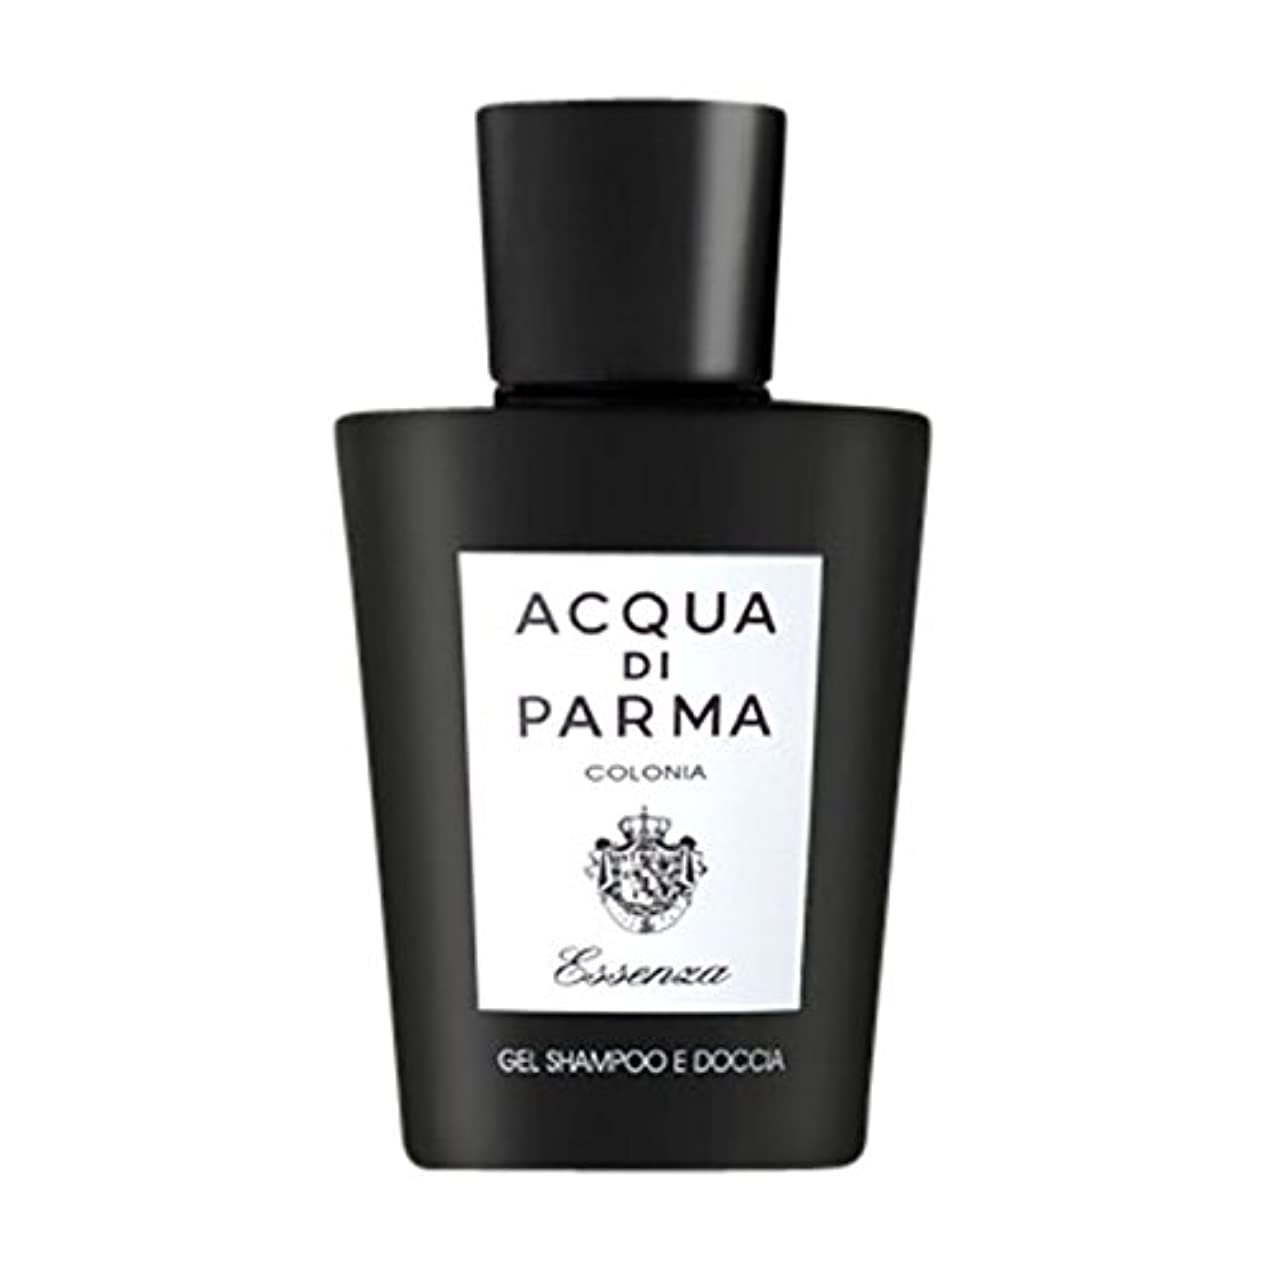 宇宙飛行士引き潮そばにアクアディパルマコロニアEssenza髪とシャワージェル200ミリリットル (Acqua di Parma) (x2) - Acqua di Parma Colonia Essenza Hair and Shower Gel 200ml (Pack of 2) [並行輸入品]